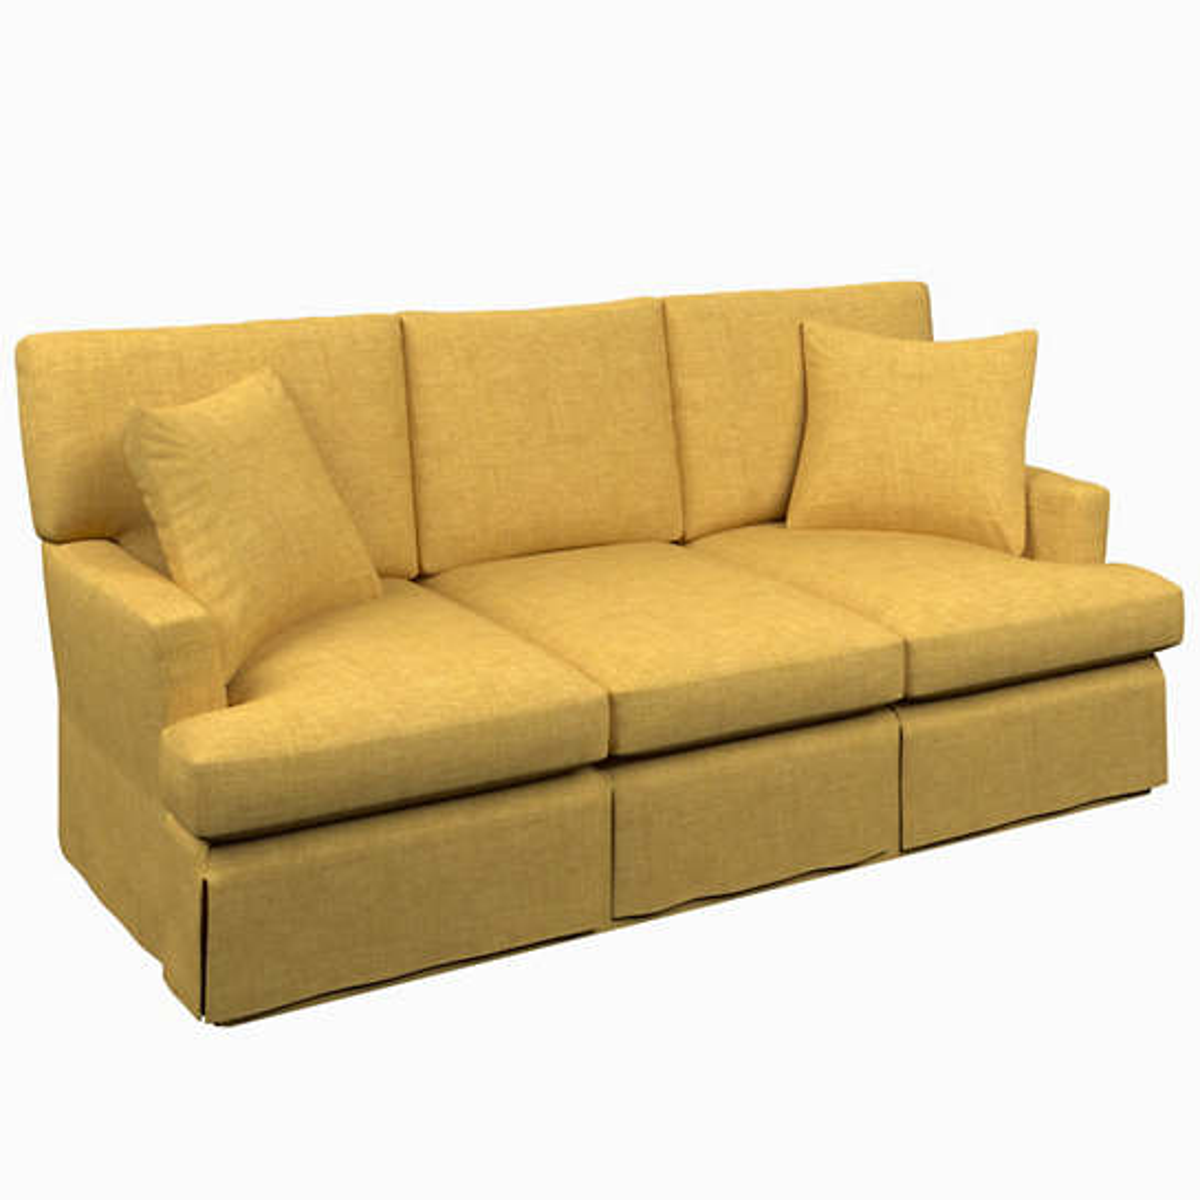 Greylock Gold Saybrook 3 Seater Sofa